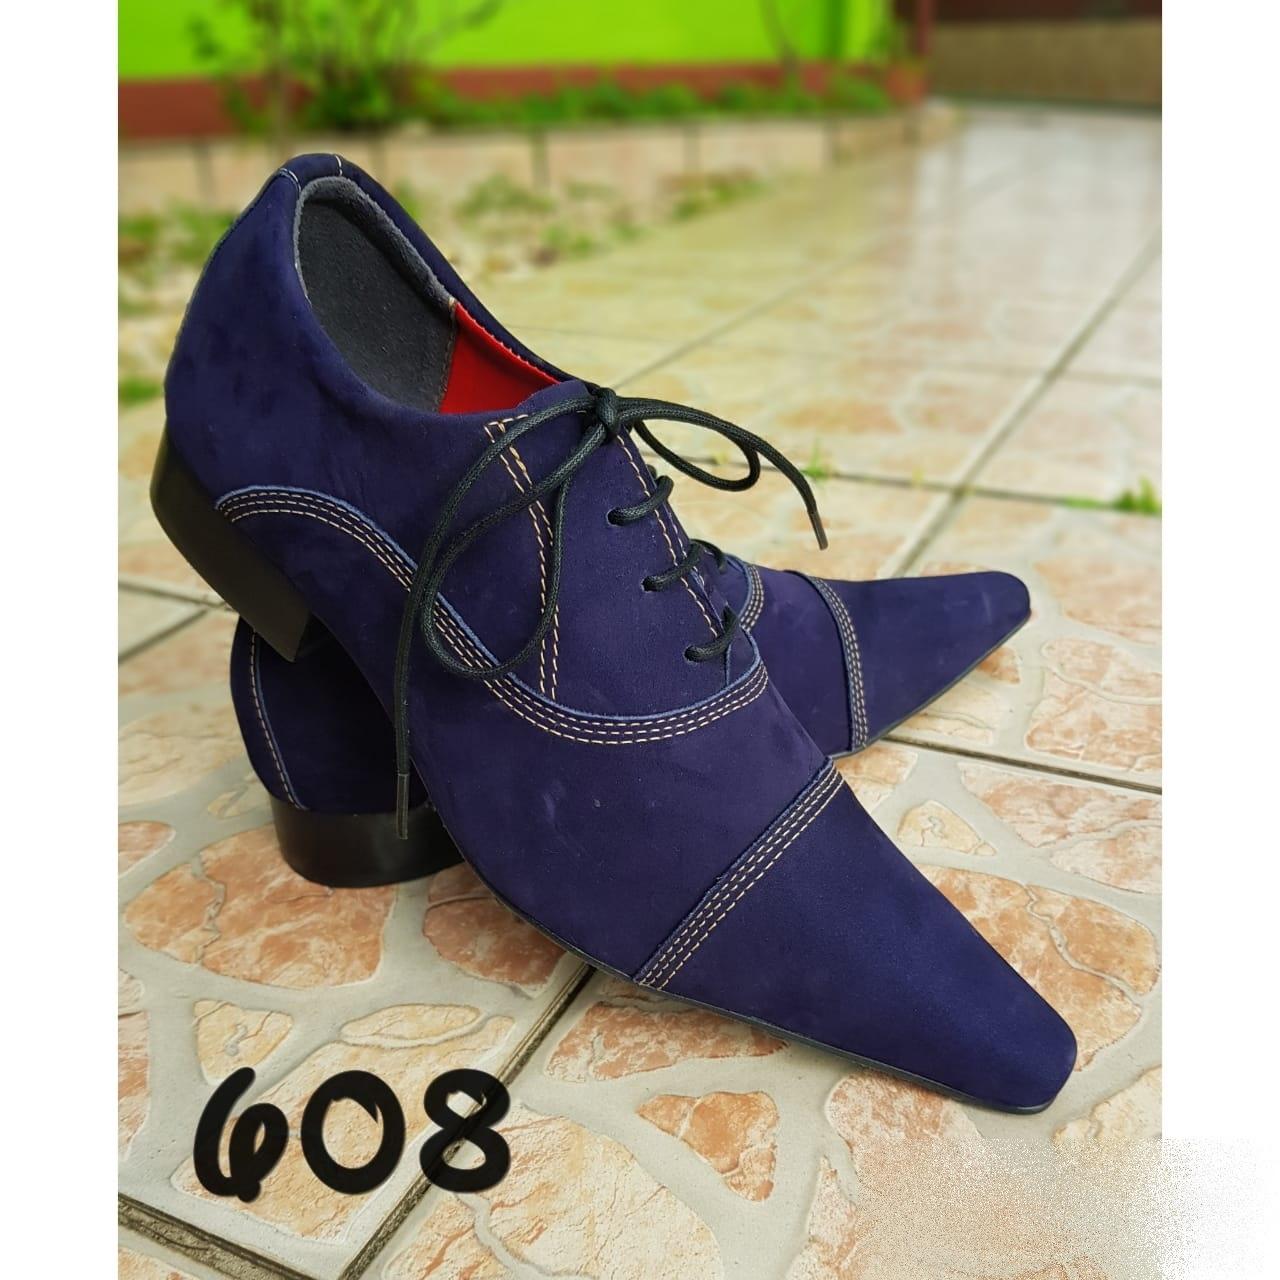 366c41b13 Sapatos sociais masculino cor azul escuro camurça e bico extra fino ...